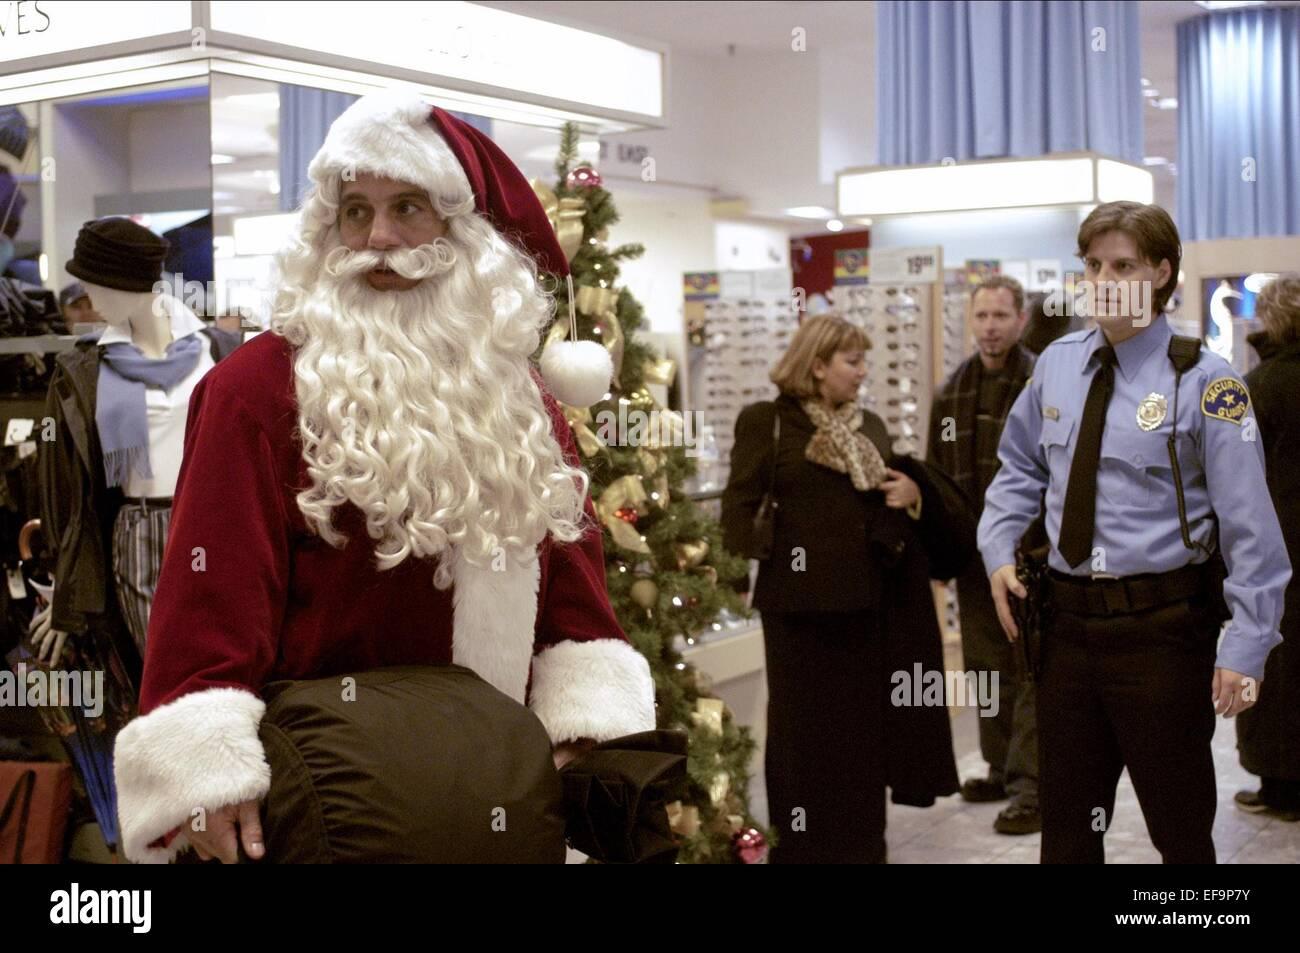 TONY DANZA robando la Navidad (2003) Imagen De Stock